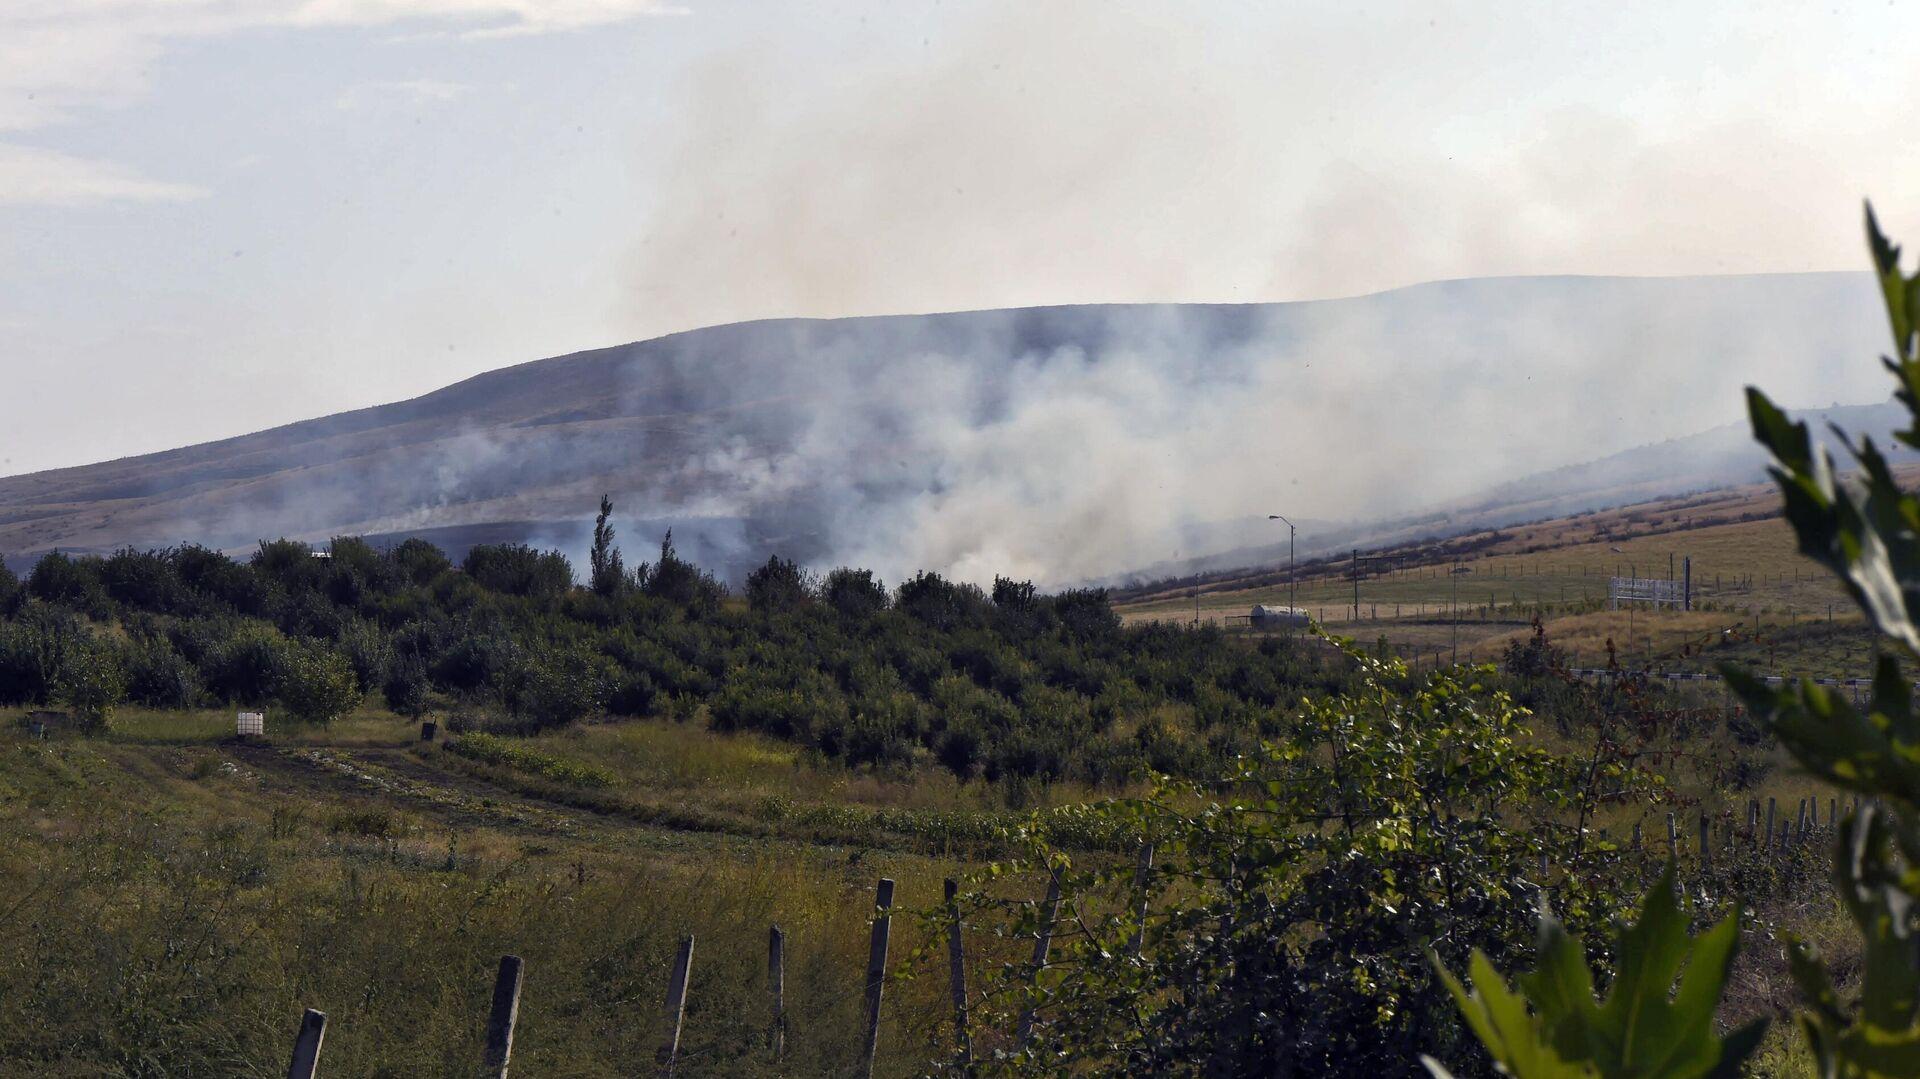 Дым от пожара, возникшего в результате обстрела в Мартакертском районе Нагорного Карабаха - РИА Новости, 1920, 30.09.2020